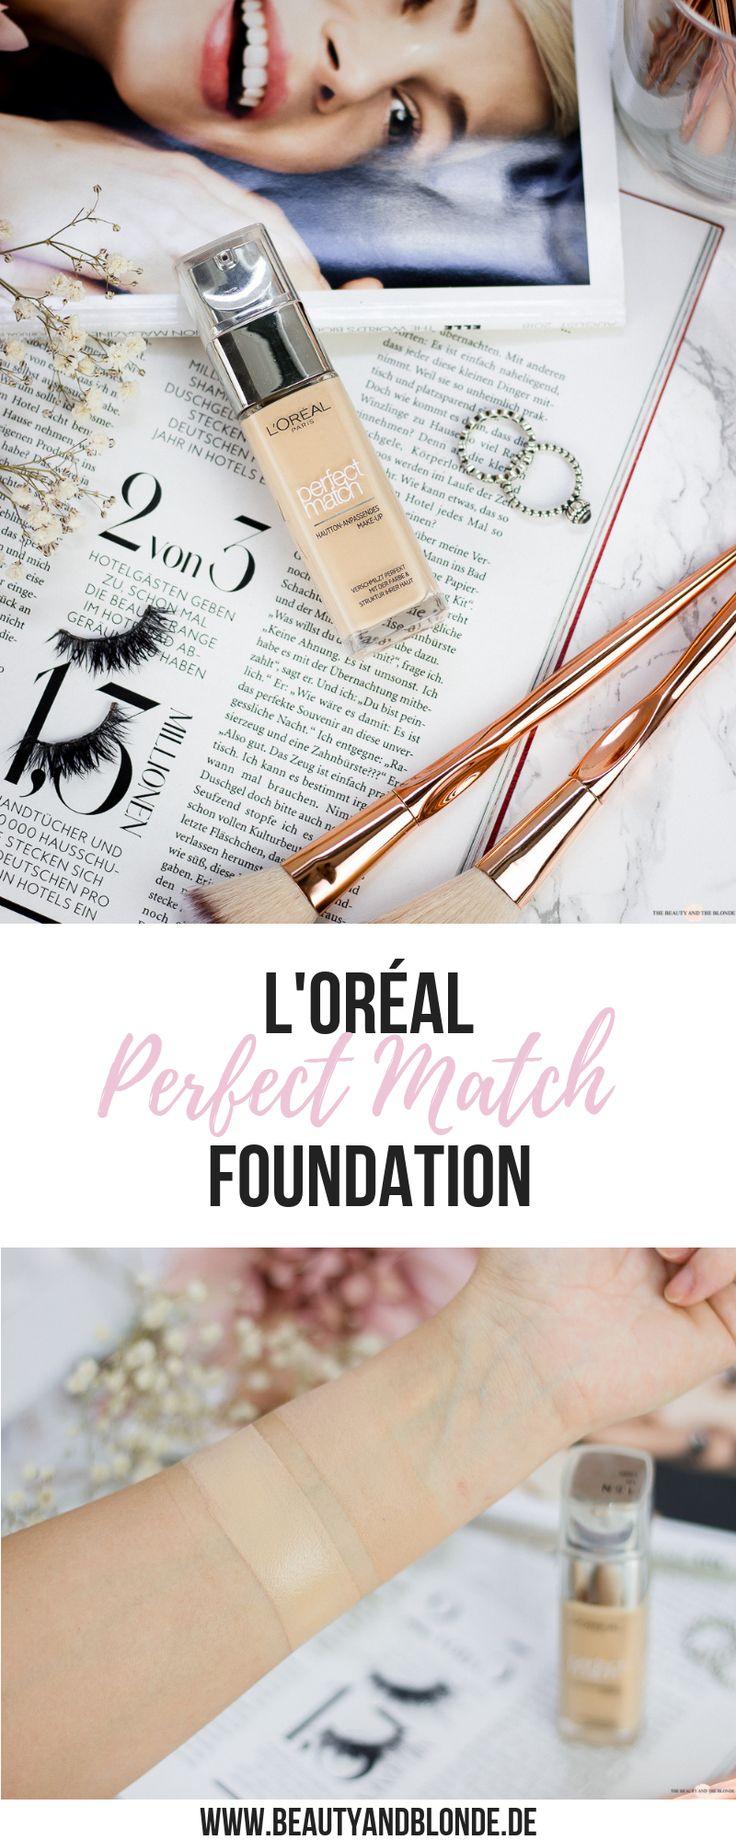 Review zur beliebten Perfect Match Foundation von L'Oréal, die es günstig in der Drogerie zu kaufen gibt. Insgesamt sind 29 Farben erhältlich!